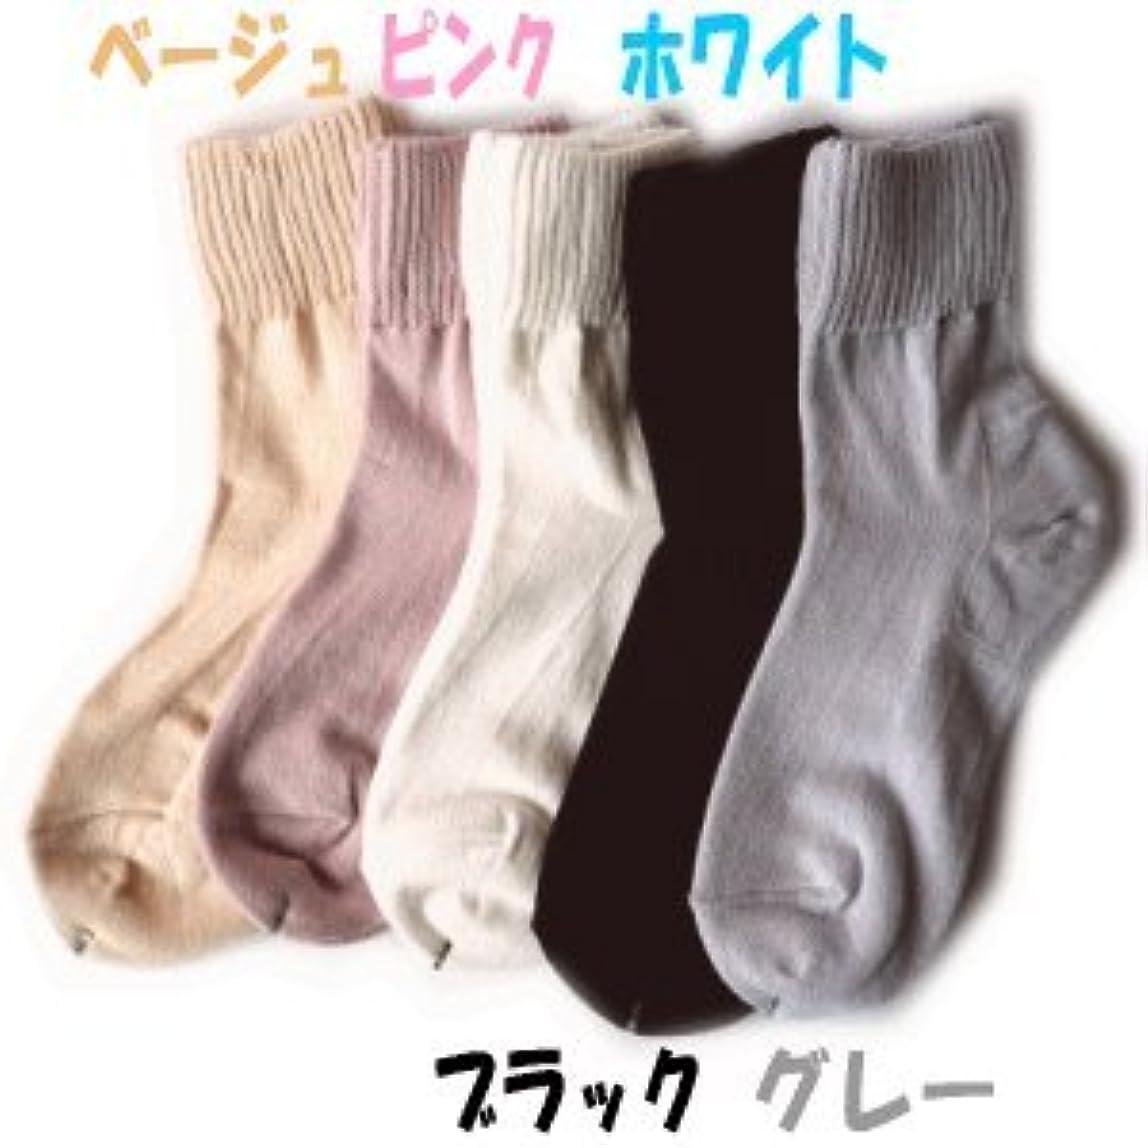 同意する乞食バイソン薄手 ゆったり かかと ツルツル 靴下 ピンク 角質ケア ひび割れ対策 22-24cm 太陽ニット 574